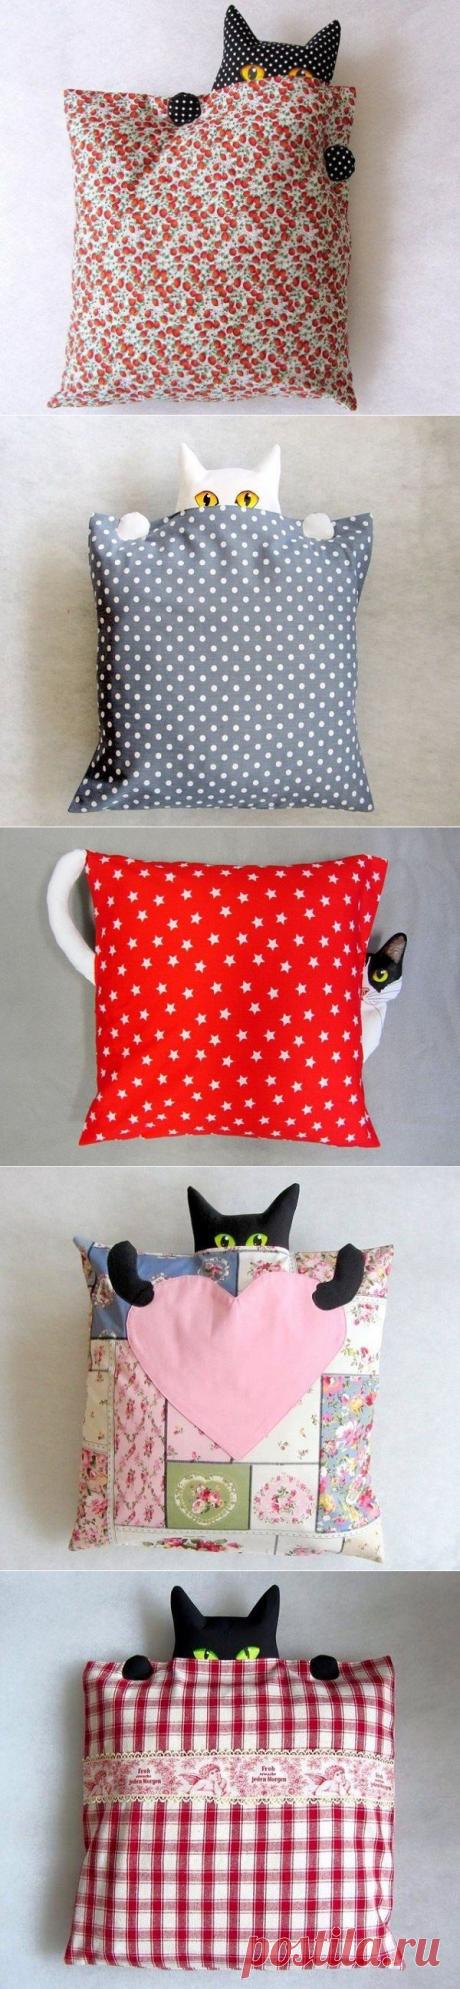 Оригинальные текстильные подушки — прекрасное дополнение в декоре интерьера.